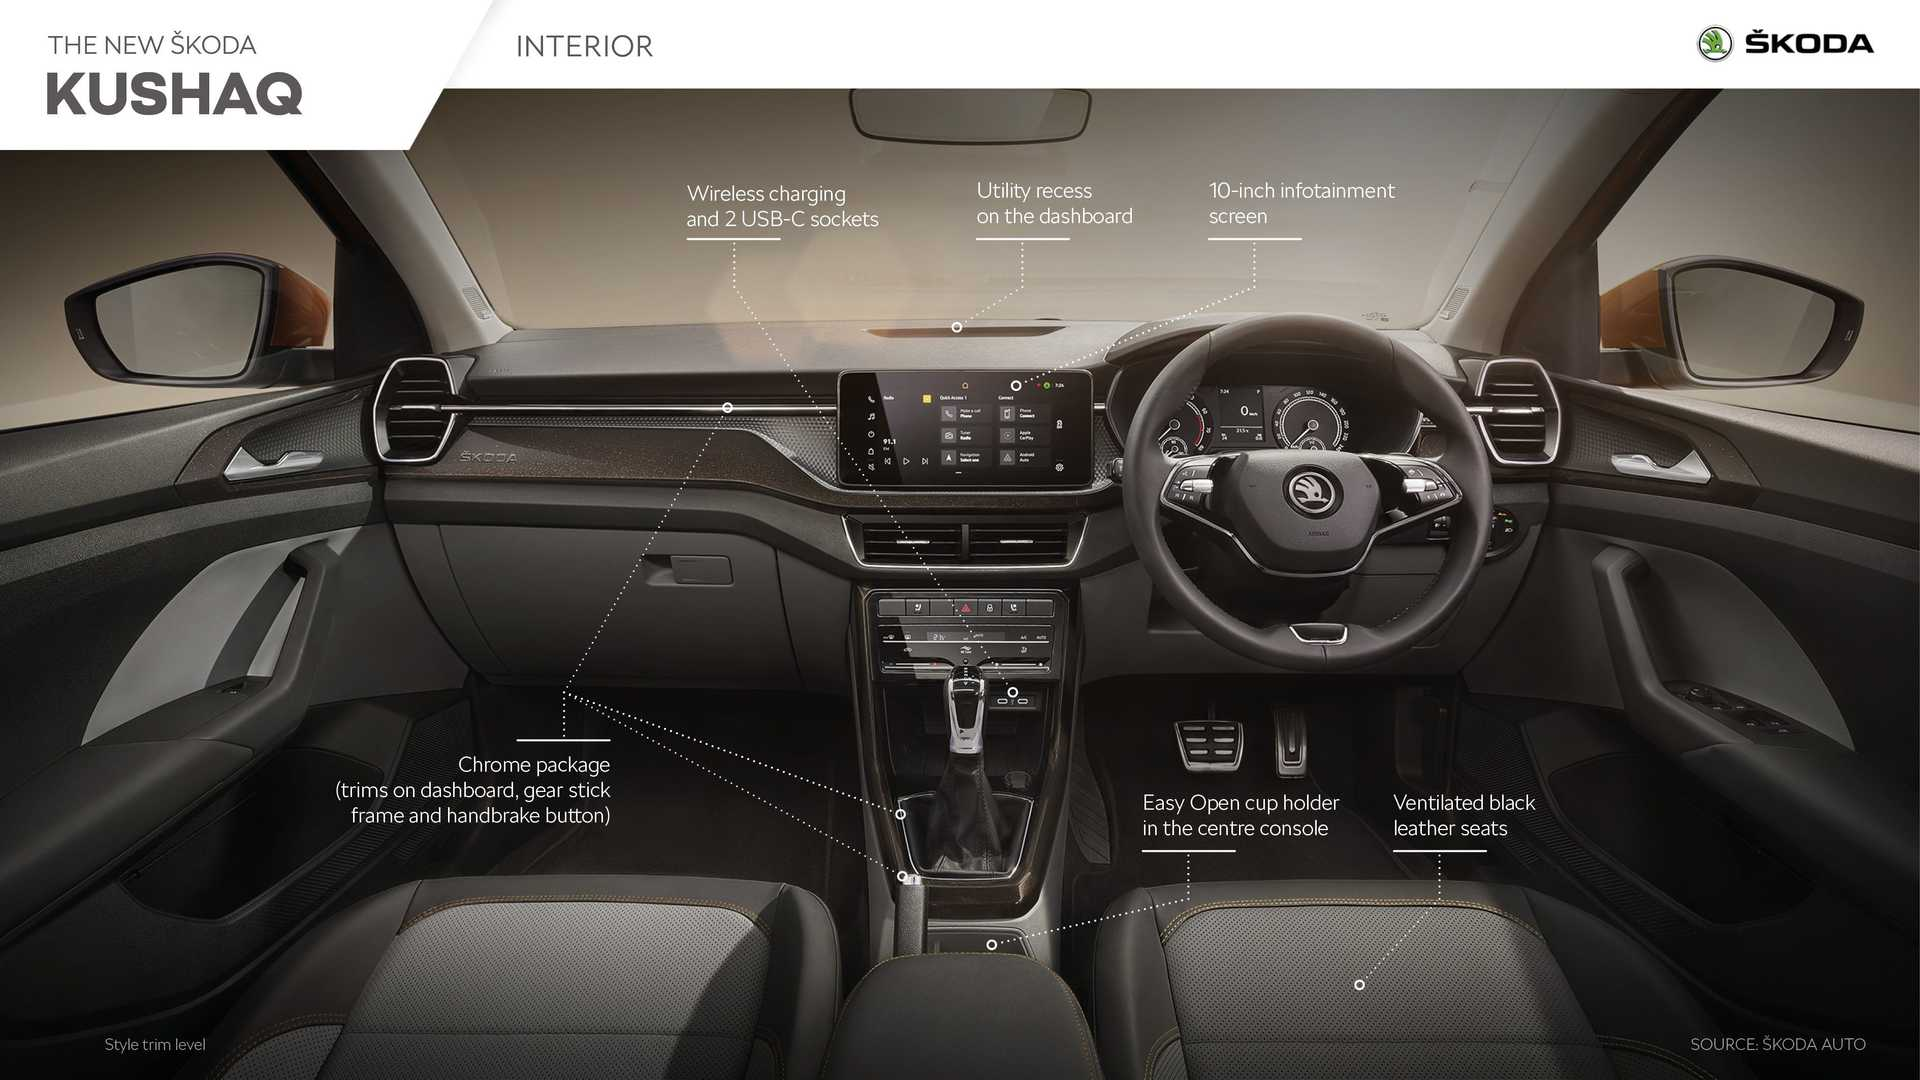 2021-skoda-kushaq-key-features-interiors